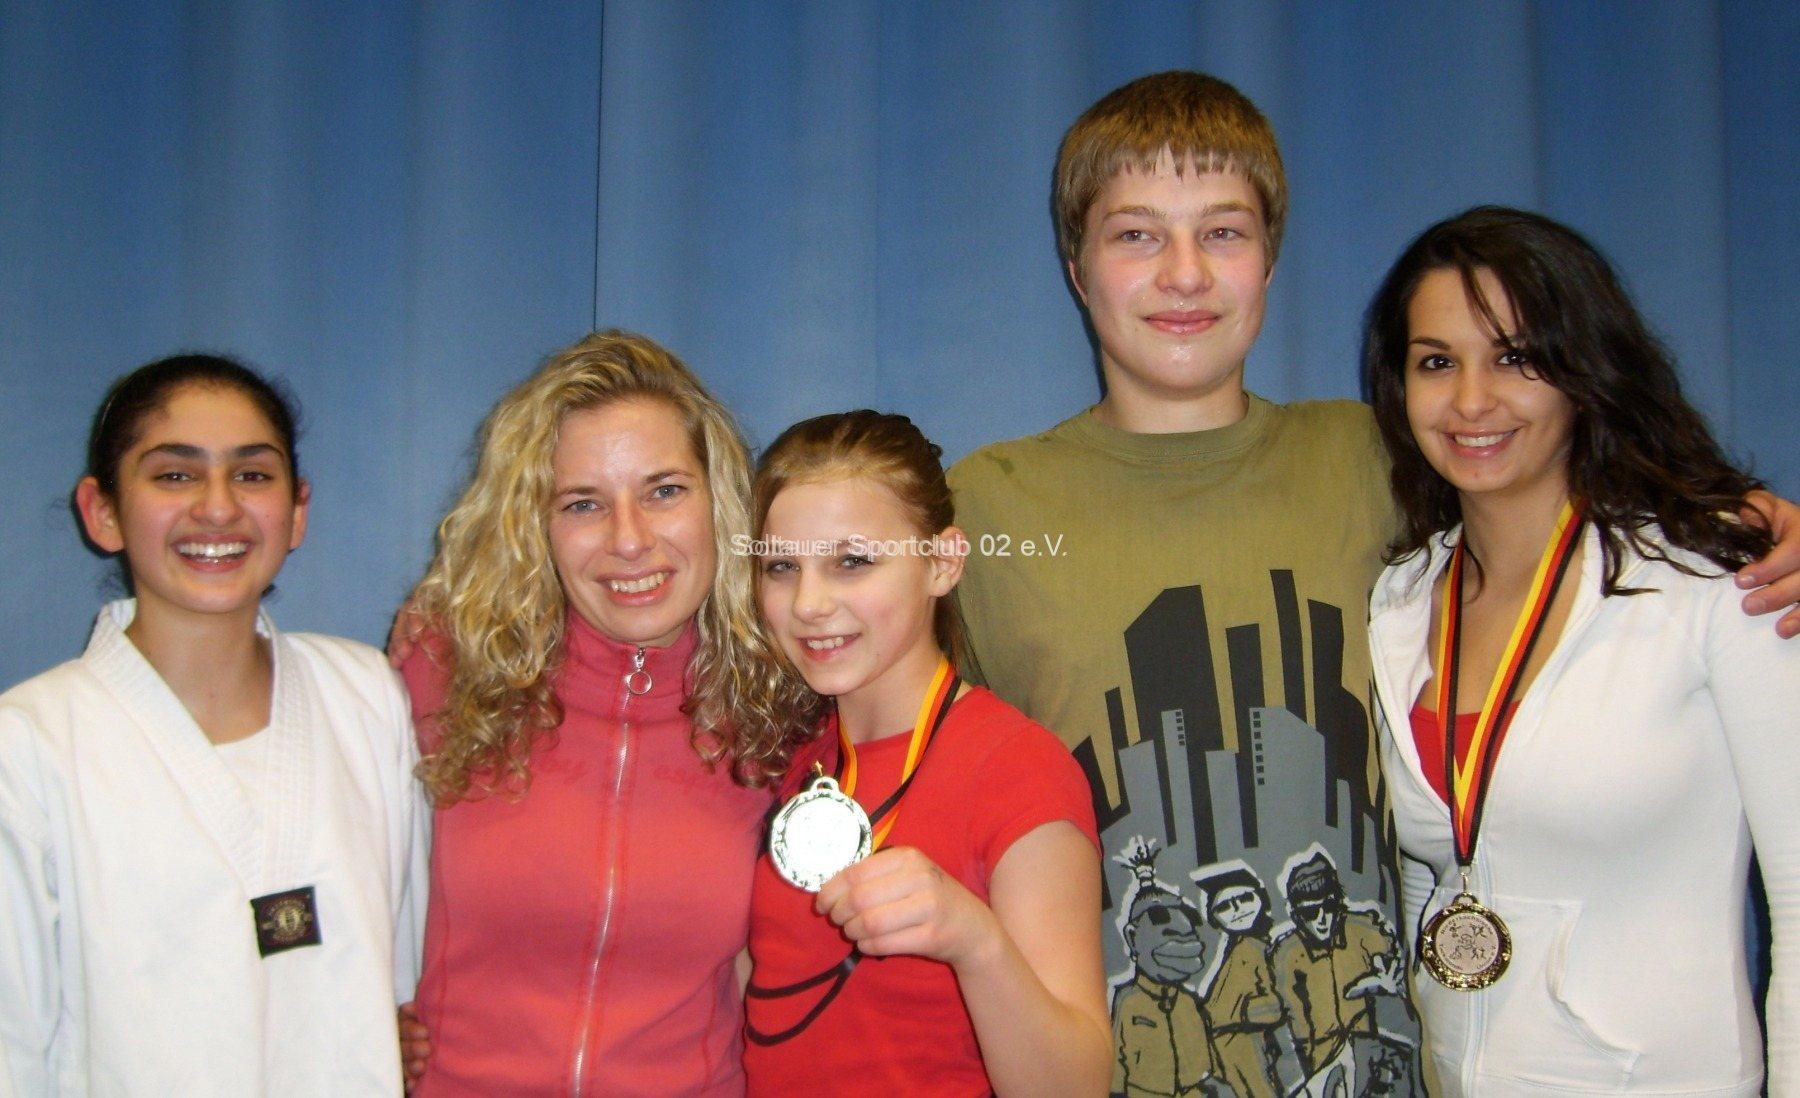 bericht-bild-tkd-soltauer-taekwondo-kaempfer-holen-5-medaillen